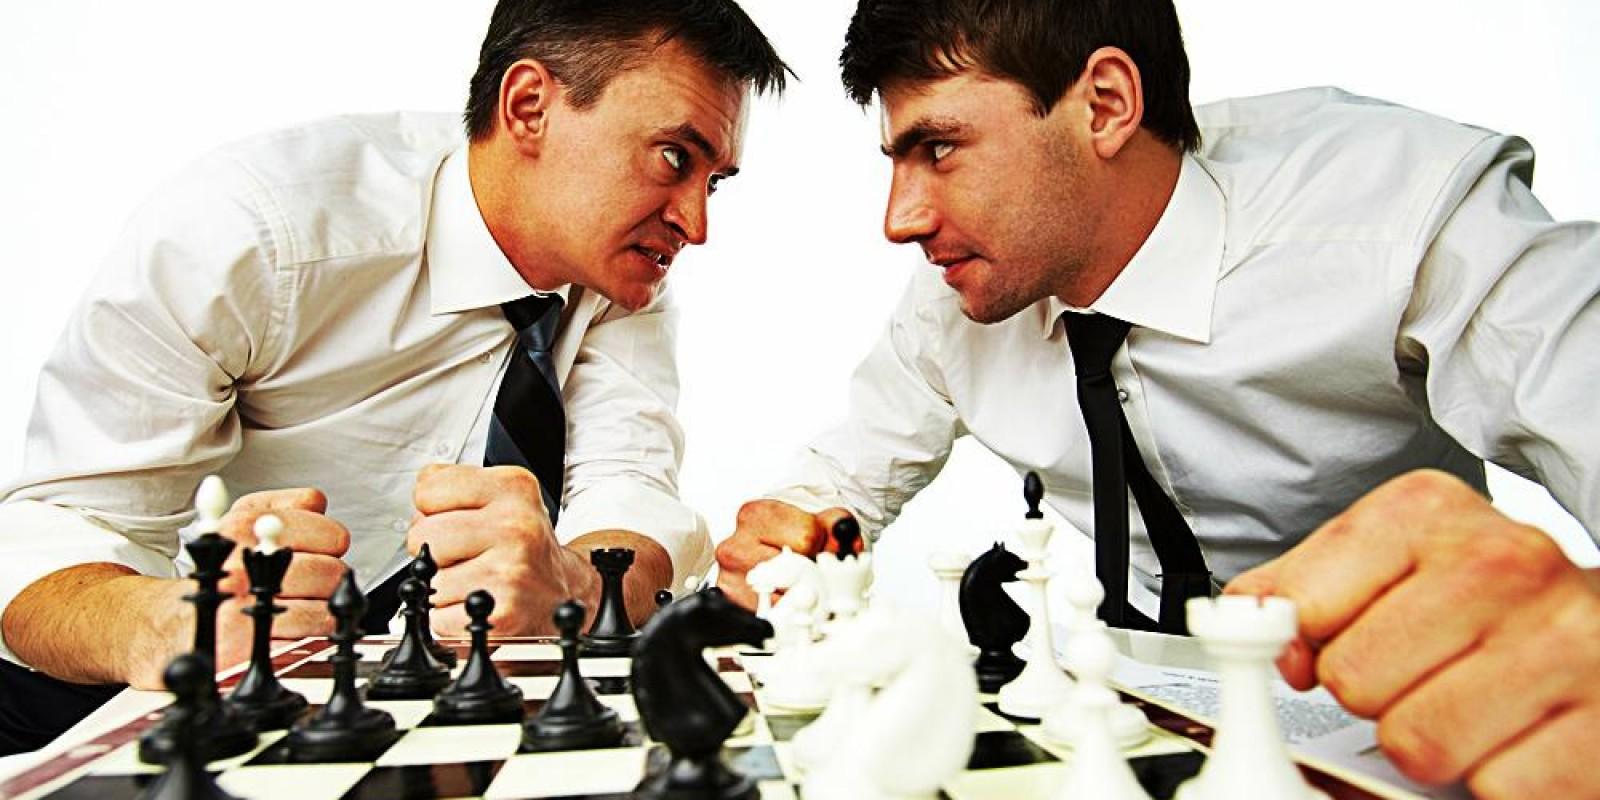 A importância de saber negociar consigo mesmo antes de negociar com os outros